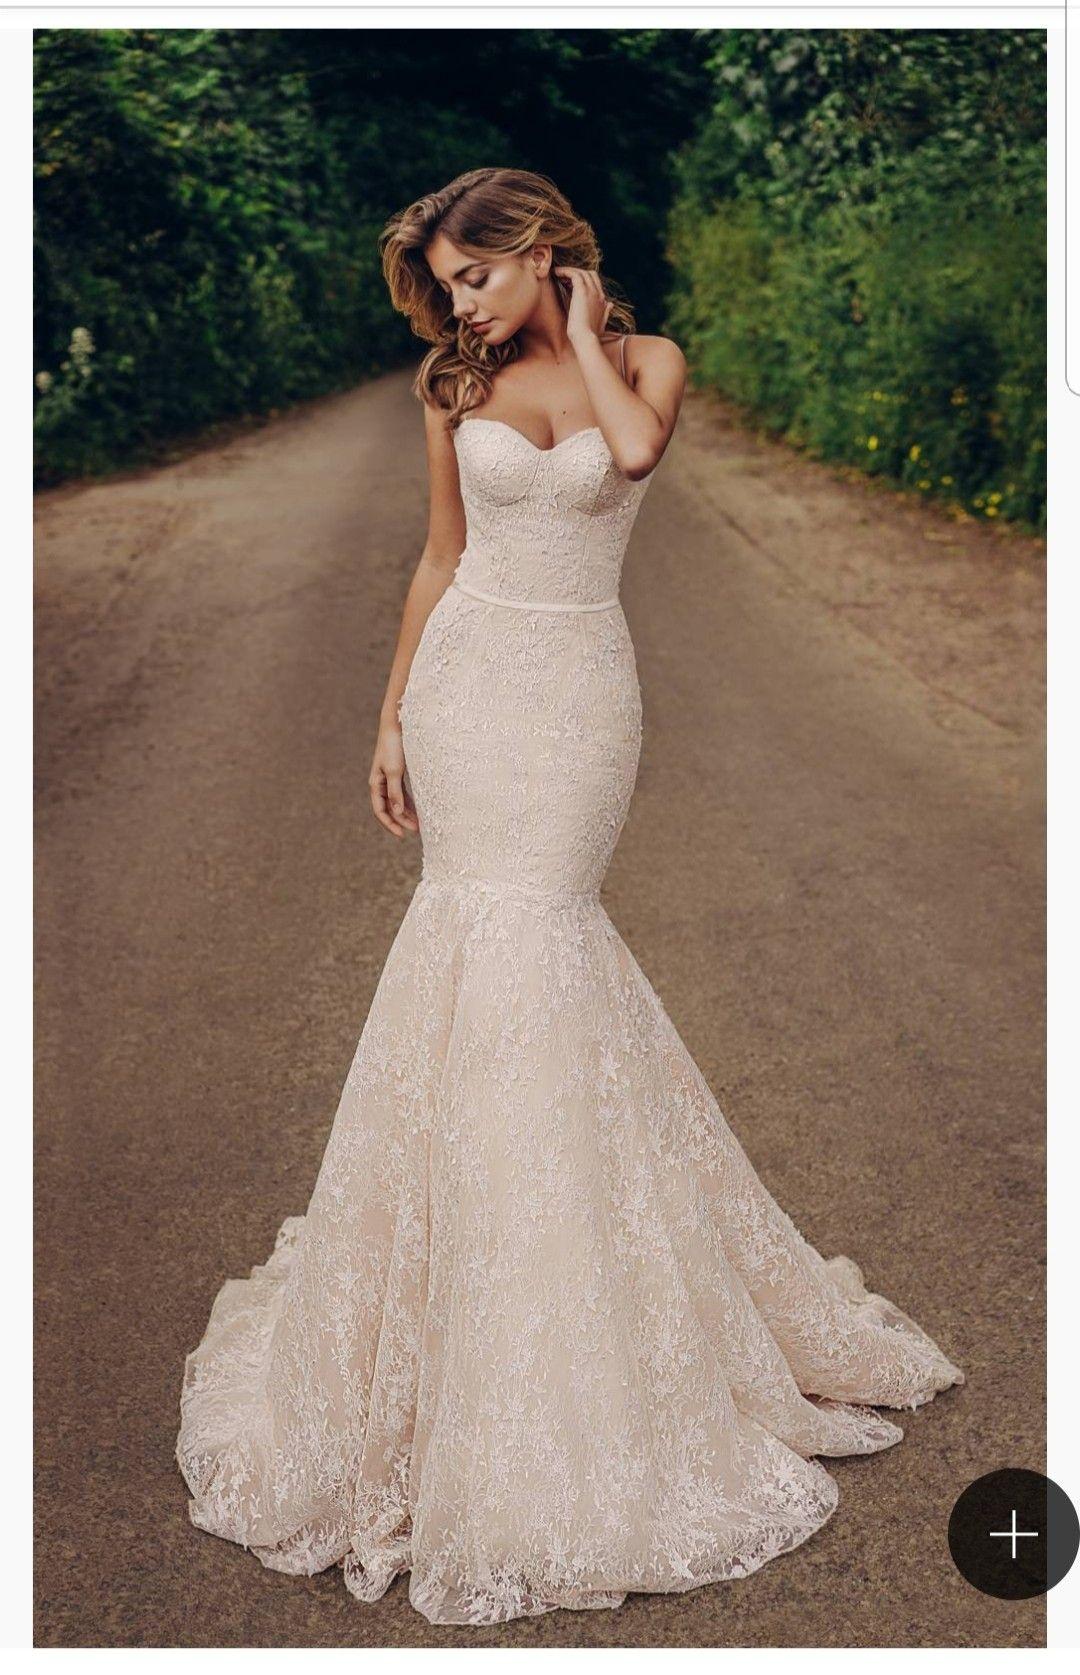 c419174a2 Pin de isabel alcalá en Wedding Ideas | Pinterest